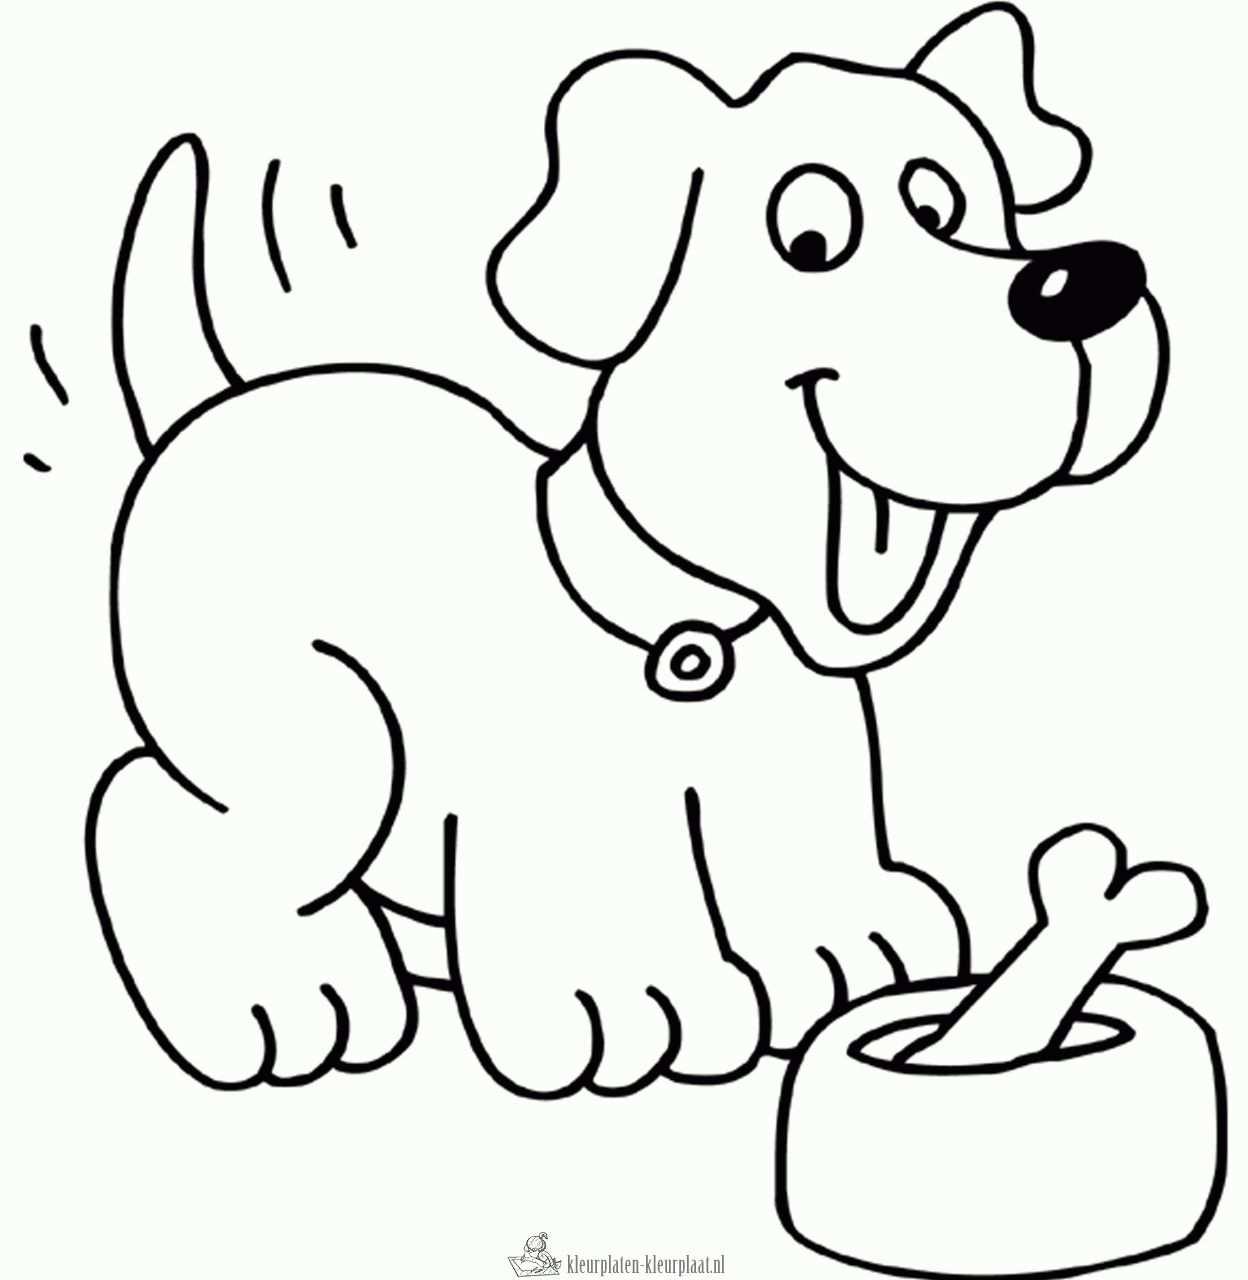 Kleurplaat Hond Kleurplaten Dieren Kleurplaten Disney Kleurplaten